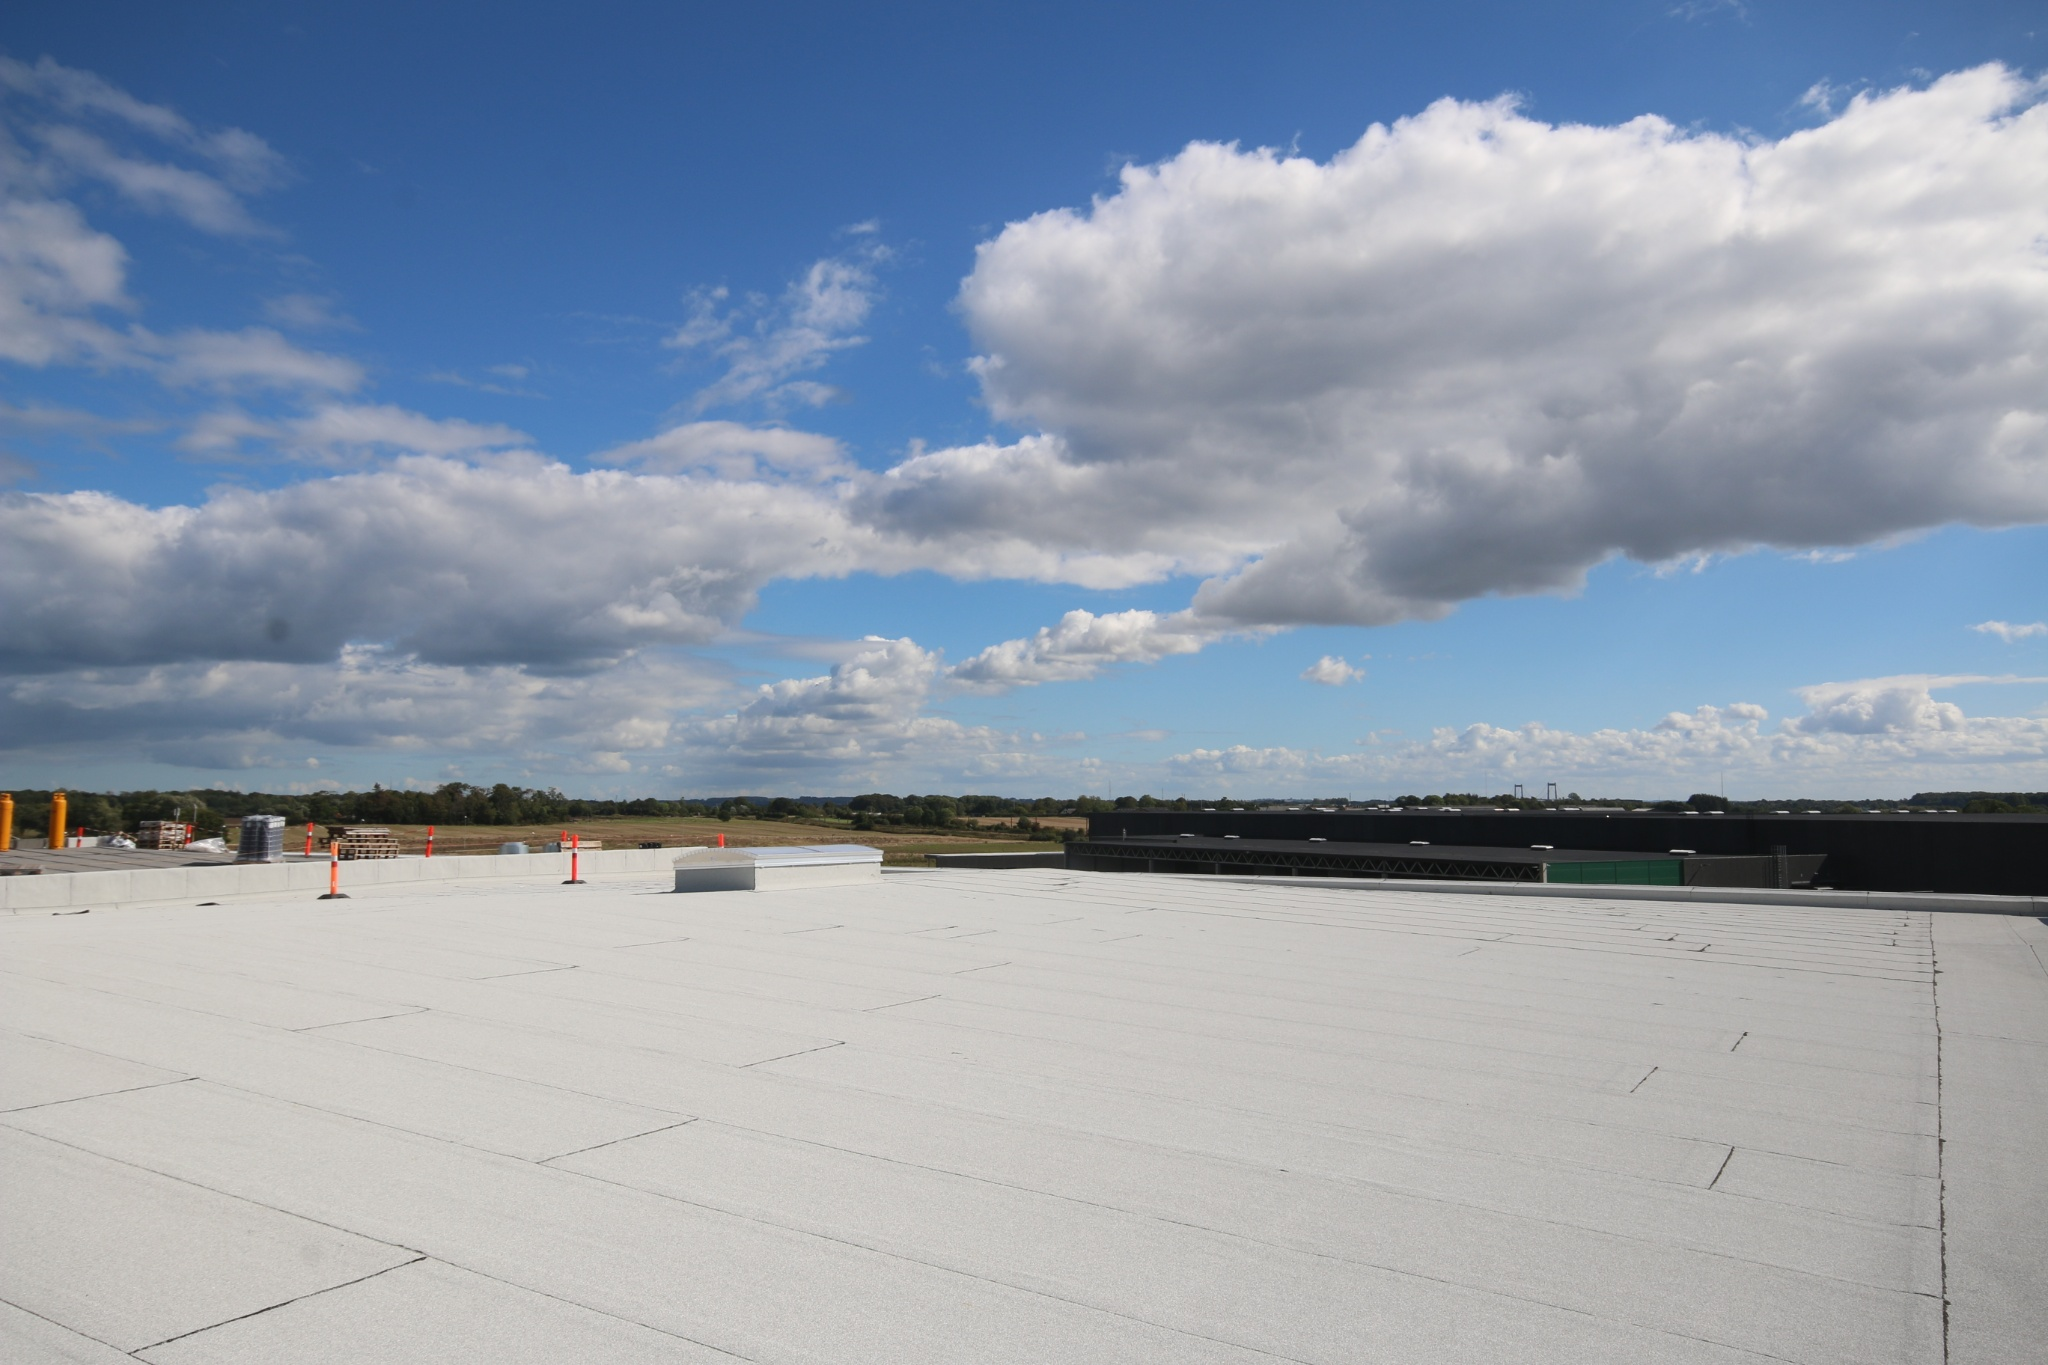 Logistikcenterets hvide tagpap renser luften for skadelige partikler